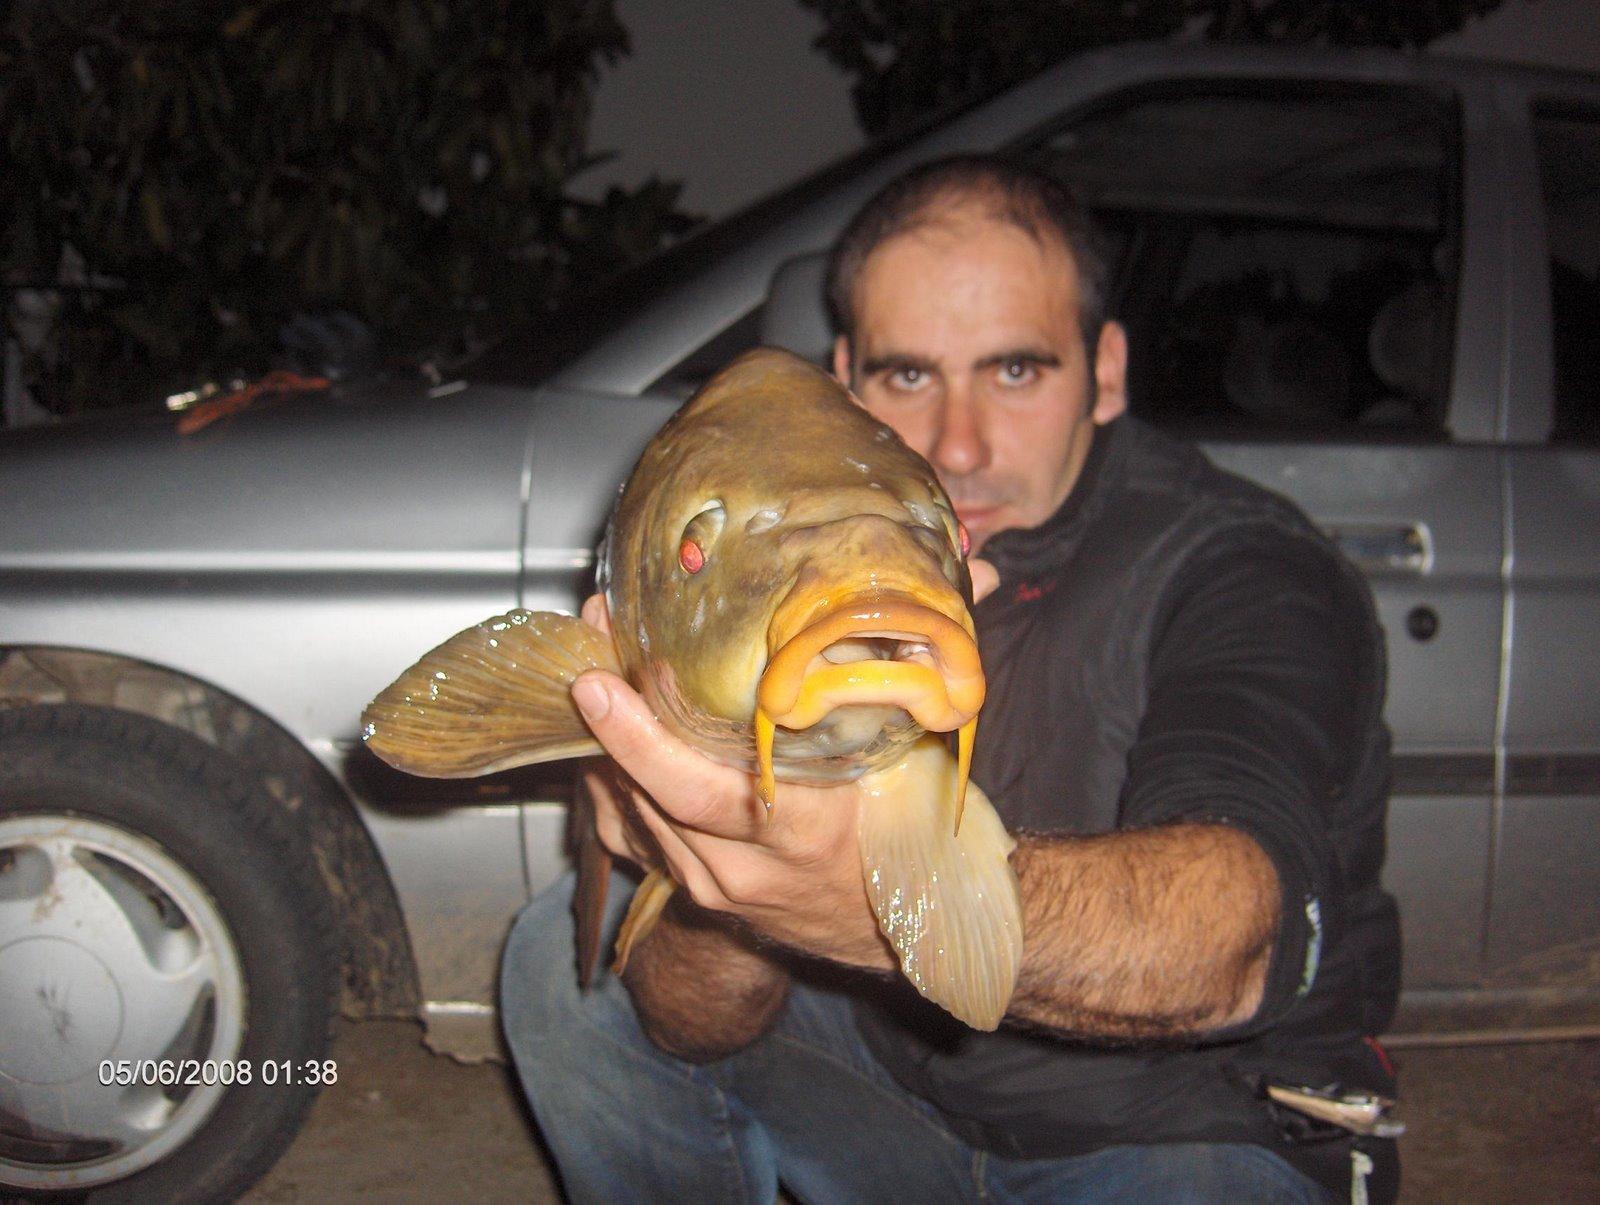 Carpa 4 kg cernada 5 junho 2008